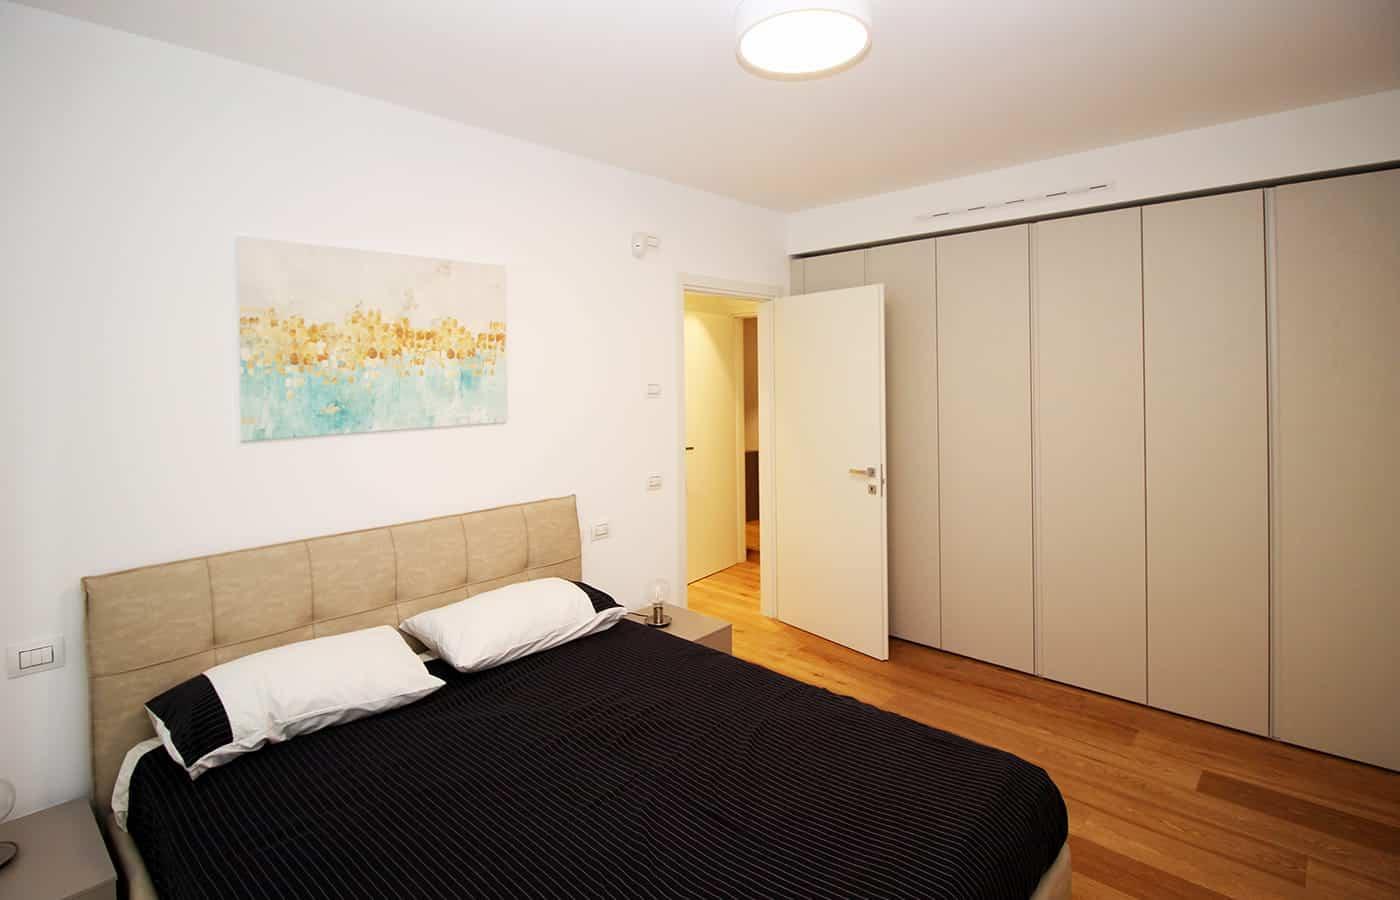 Camera da letto - Progetto Corso Porta Vigentina Milano - Il Mobile